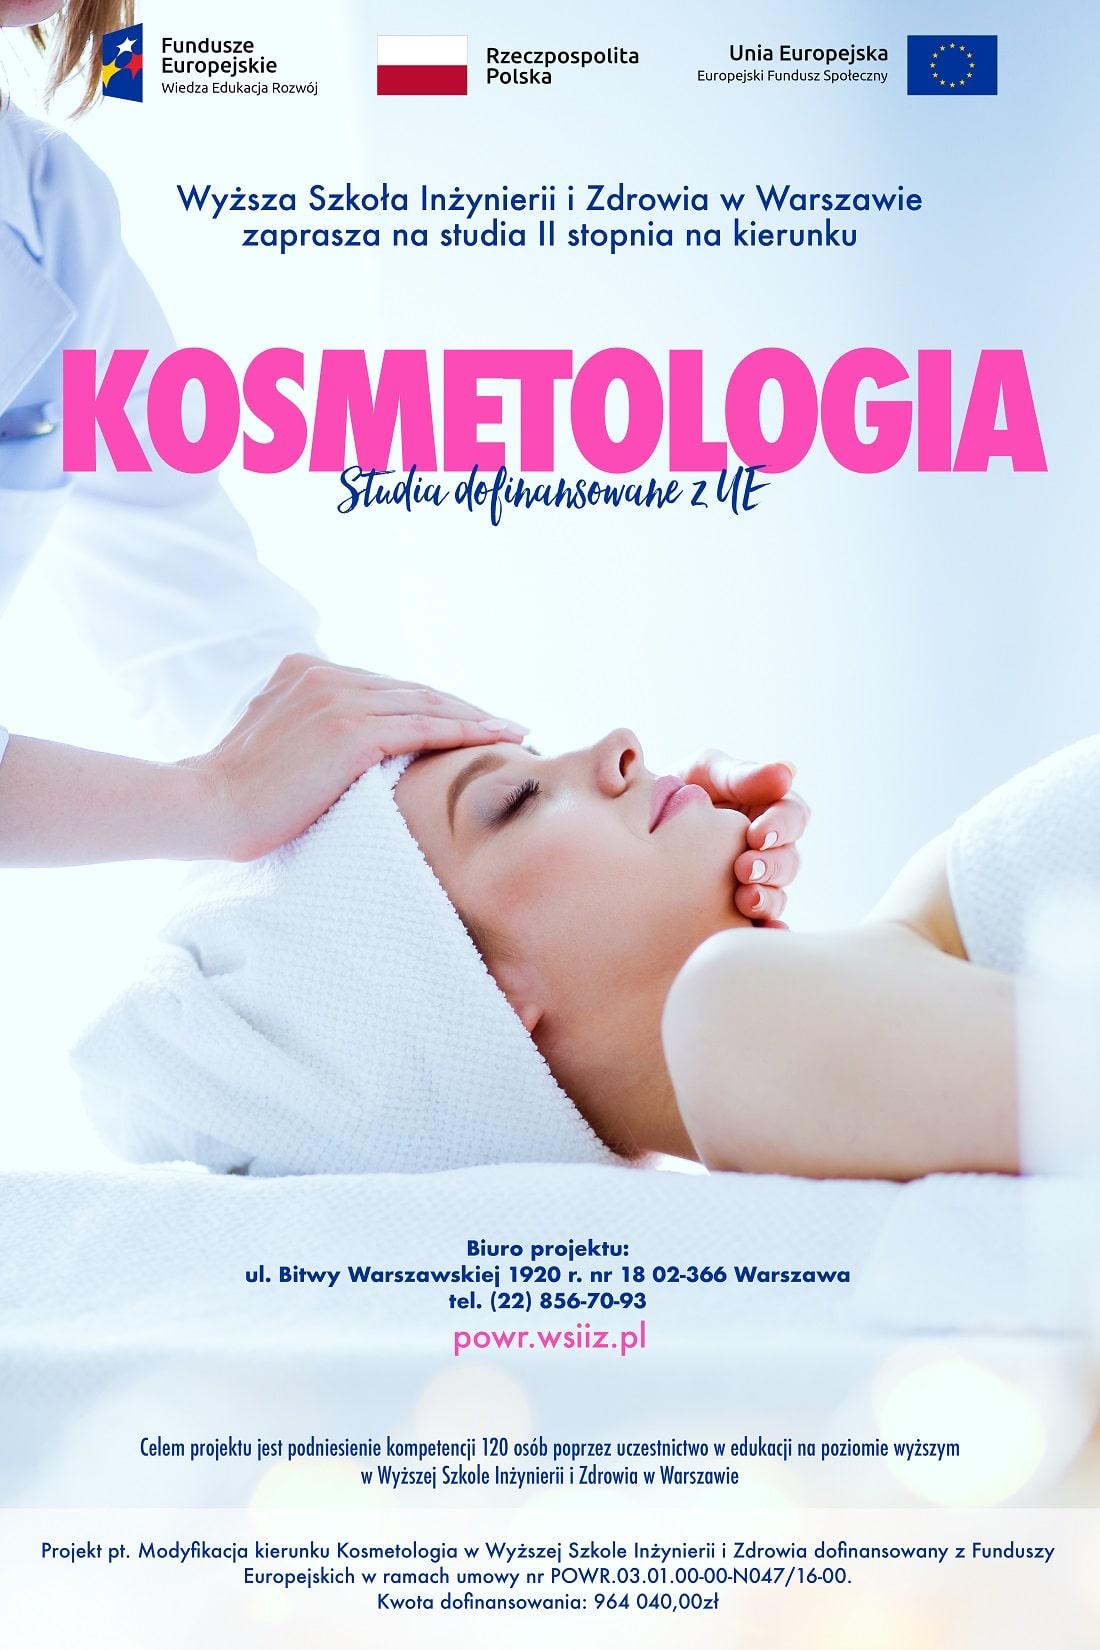 Plakat reklamujący kierynek studiów kosmetologia